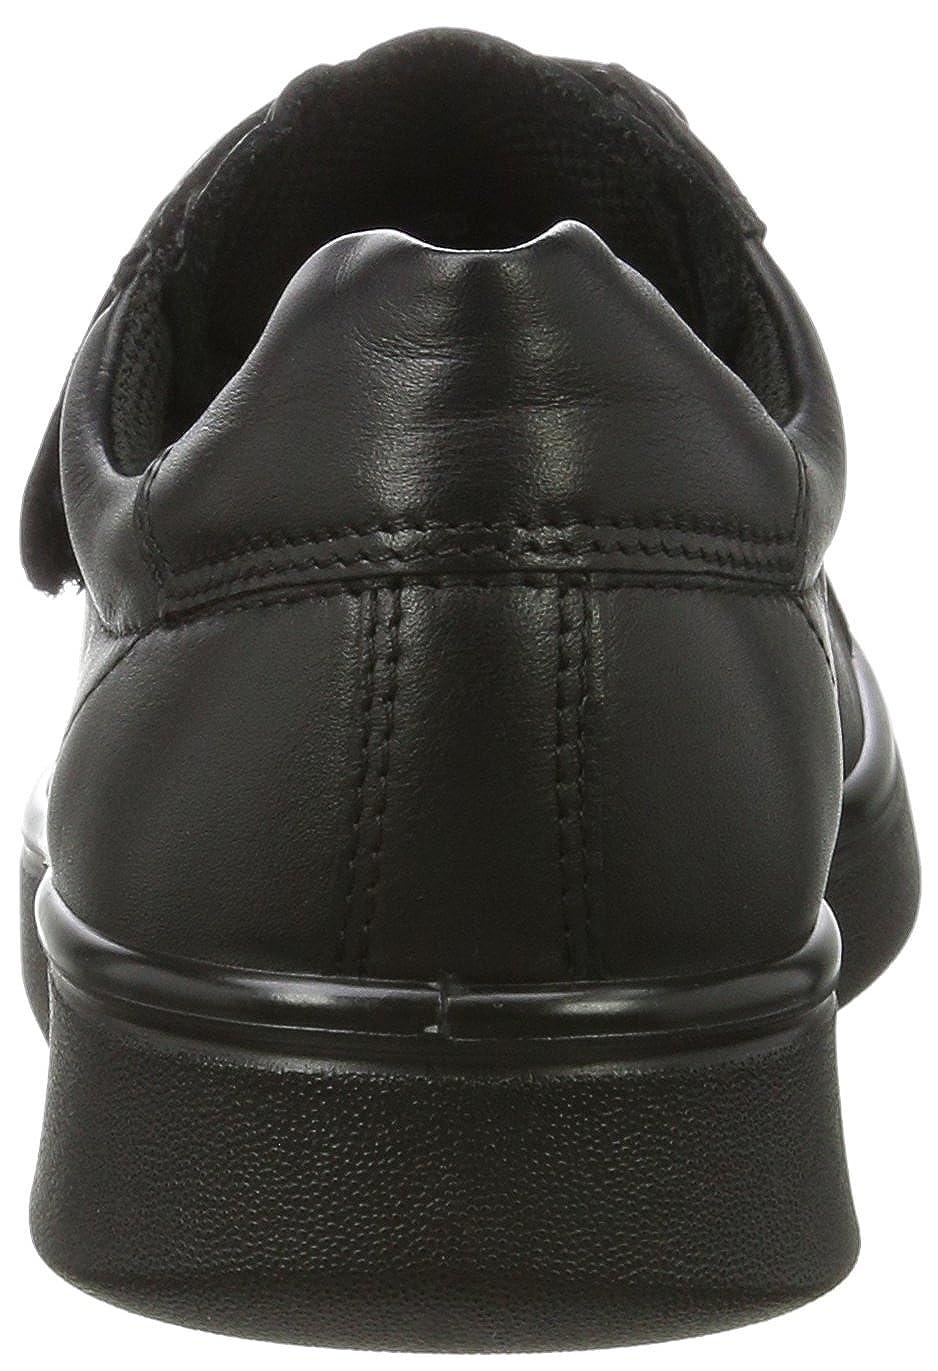 Ecco (schwarz/schwarz) Damen Soft 4 Sneaker, schwarz Schwarz (schwarz/schwarz) Ecco dcdf6e